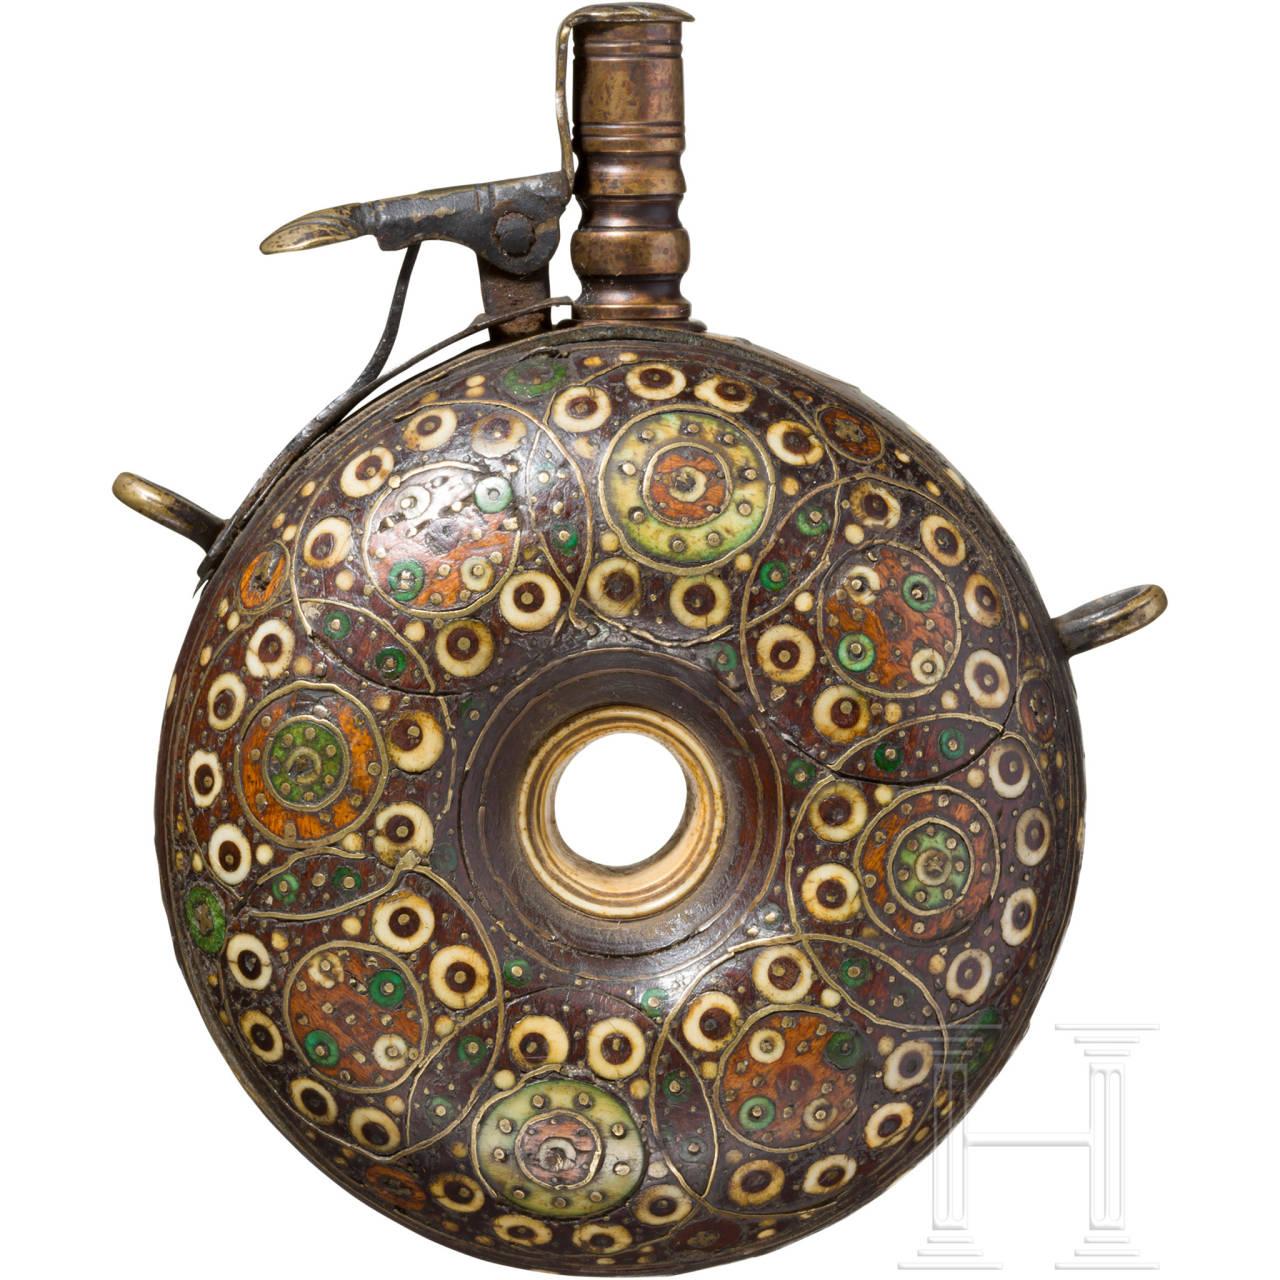 Messing- und beineingelegte Pulverflasche, böhmisch, um 1600